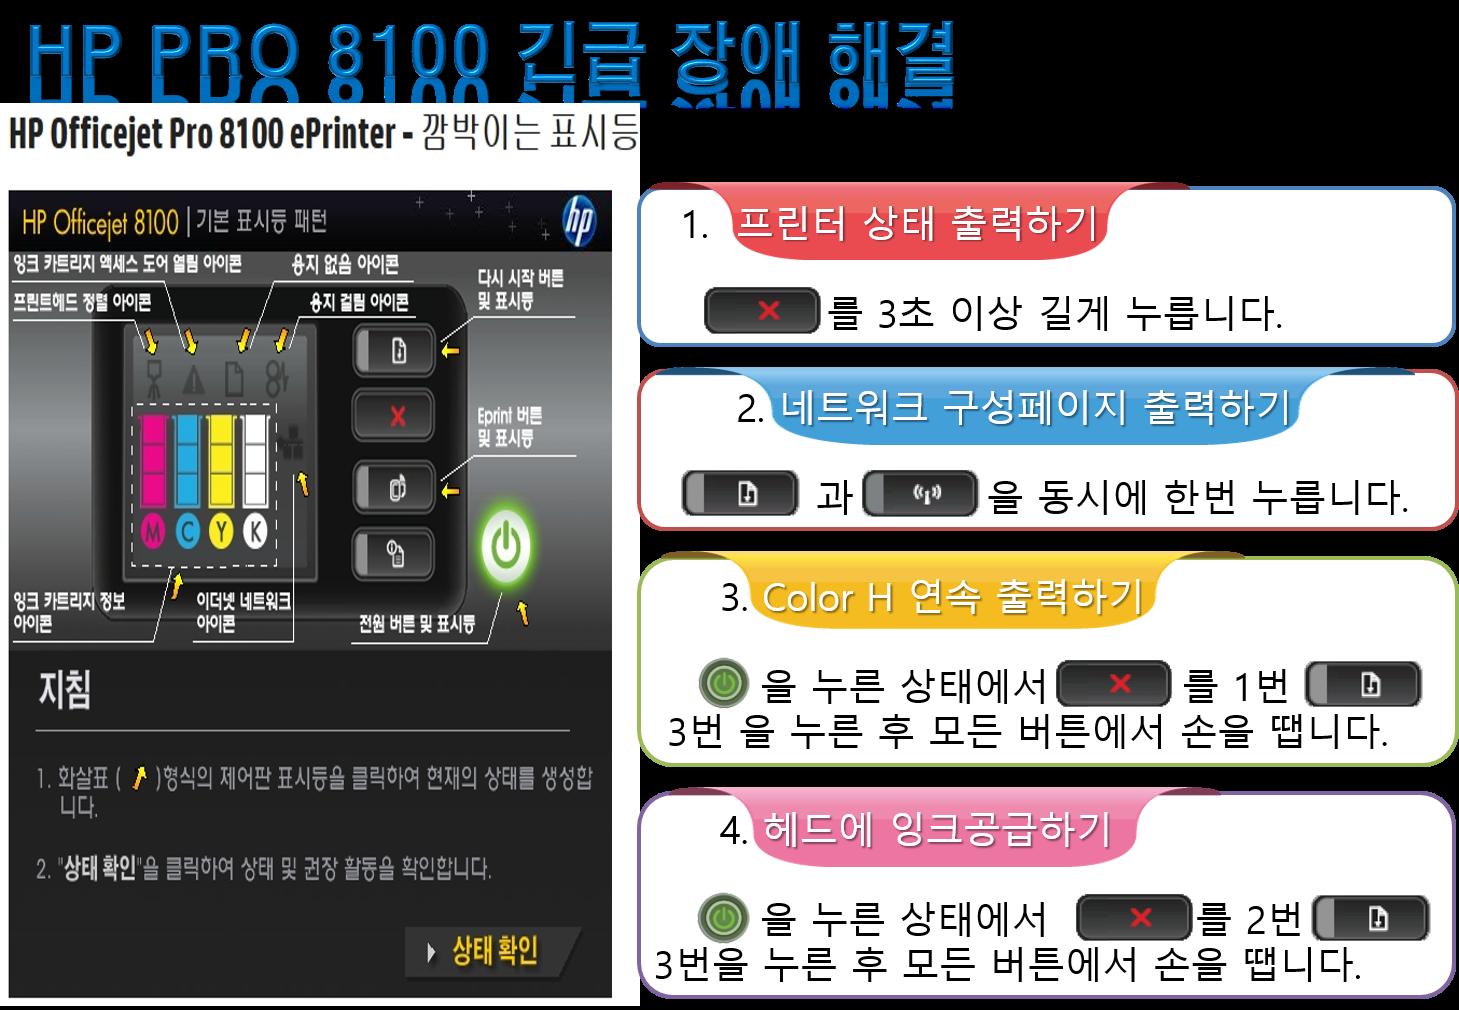 [★필독!]HP PRO 8100 프린터 긴급 장애 해결